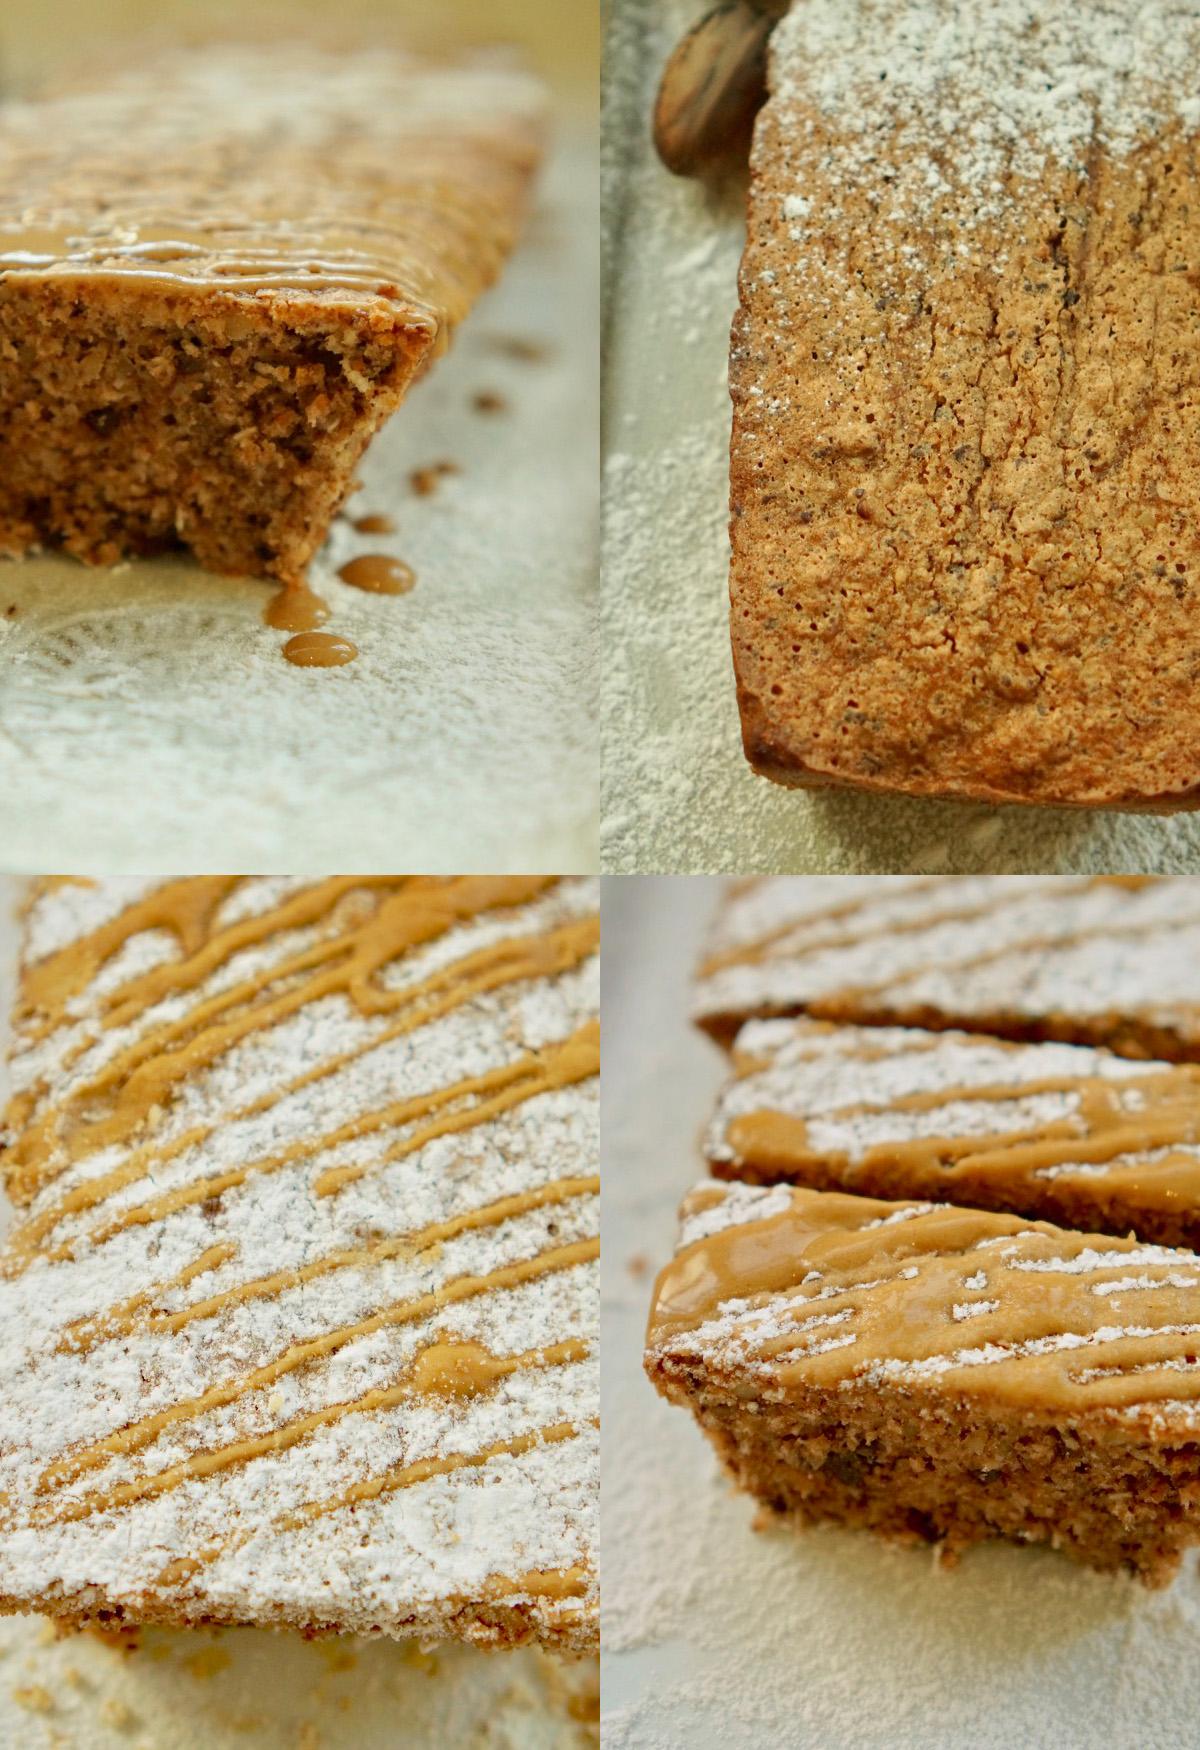 קולאג׳ של עוגת אגוזים. עוגת אגוזים עם אבקת סוכר. עוגת אגוזים עם אבקת סוכר מעל וזיגוג קפה. עוגת אגוזים עם אבקת סוכר מעל וזיגוג קפה. מעל פזורים אגוזים קצוצים. פרוסות עוגות אגוזים.